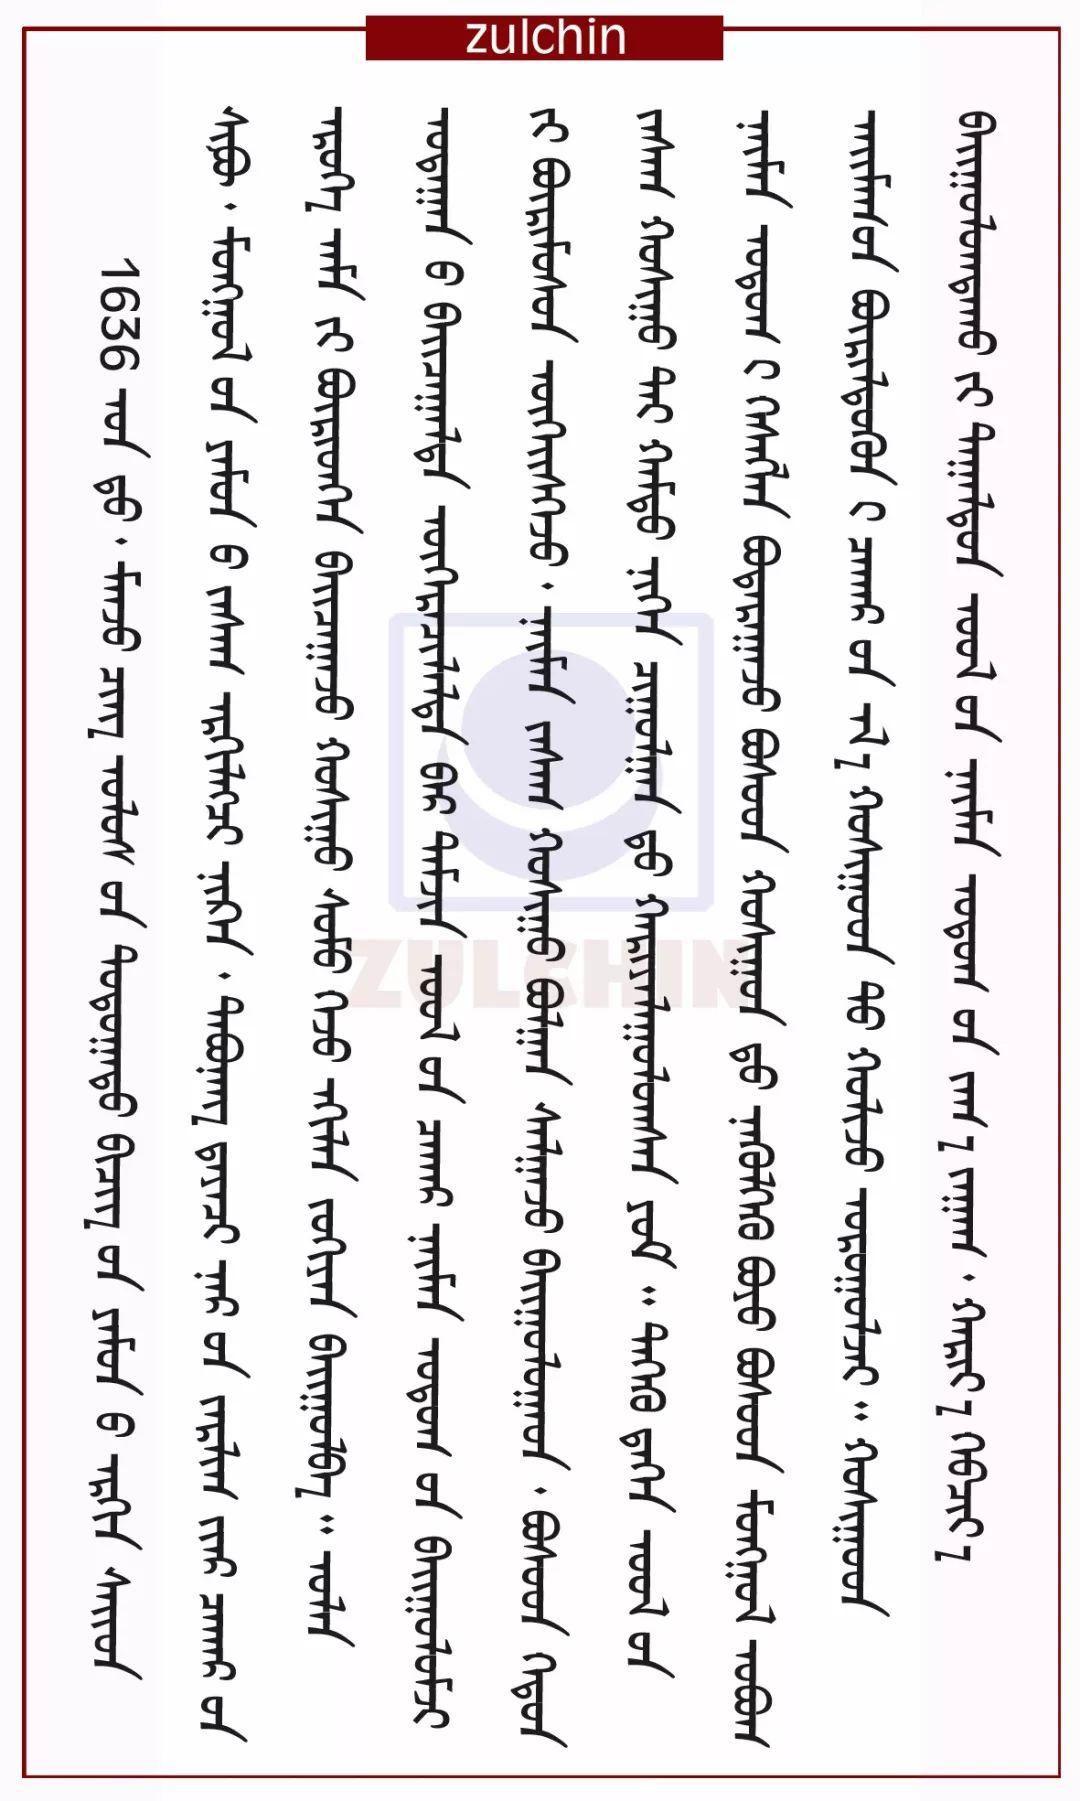 清代察哈尔部落的解体 第2张 清代察哈尔部落的解体 蒙古文化